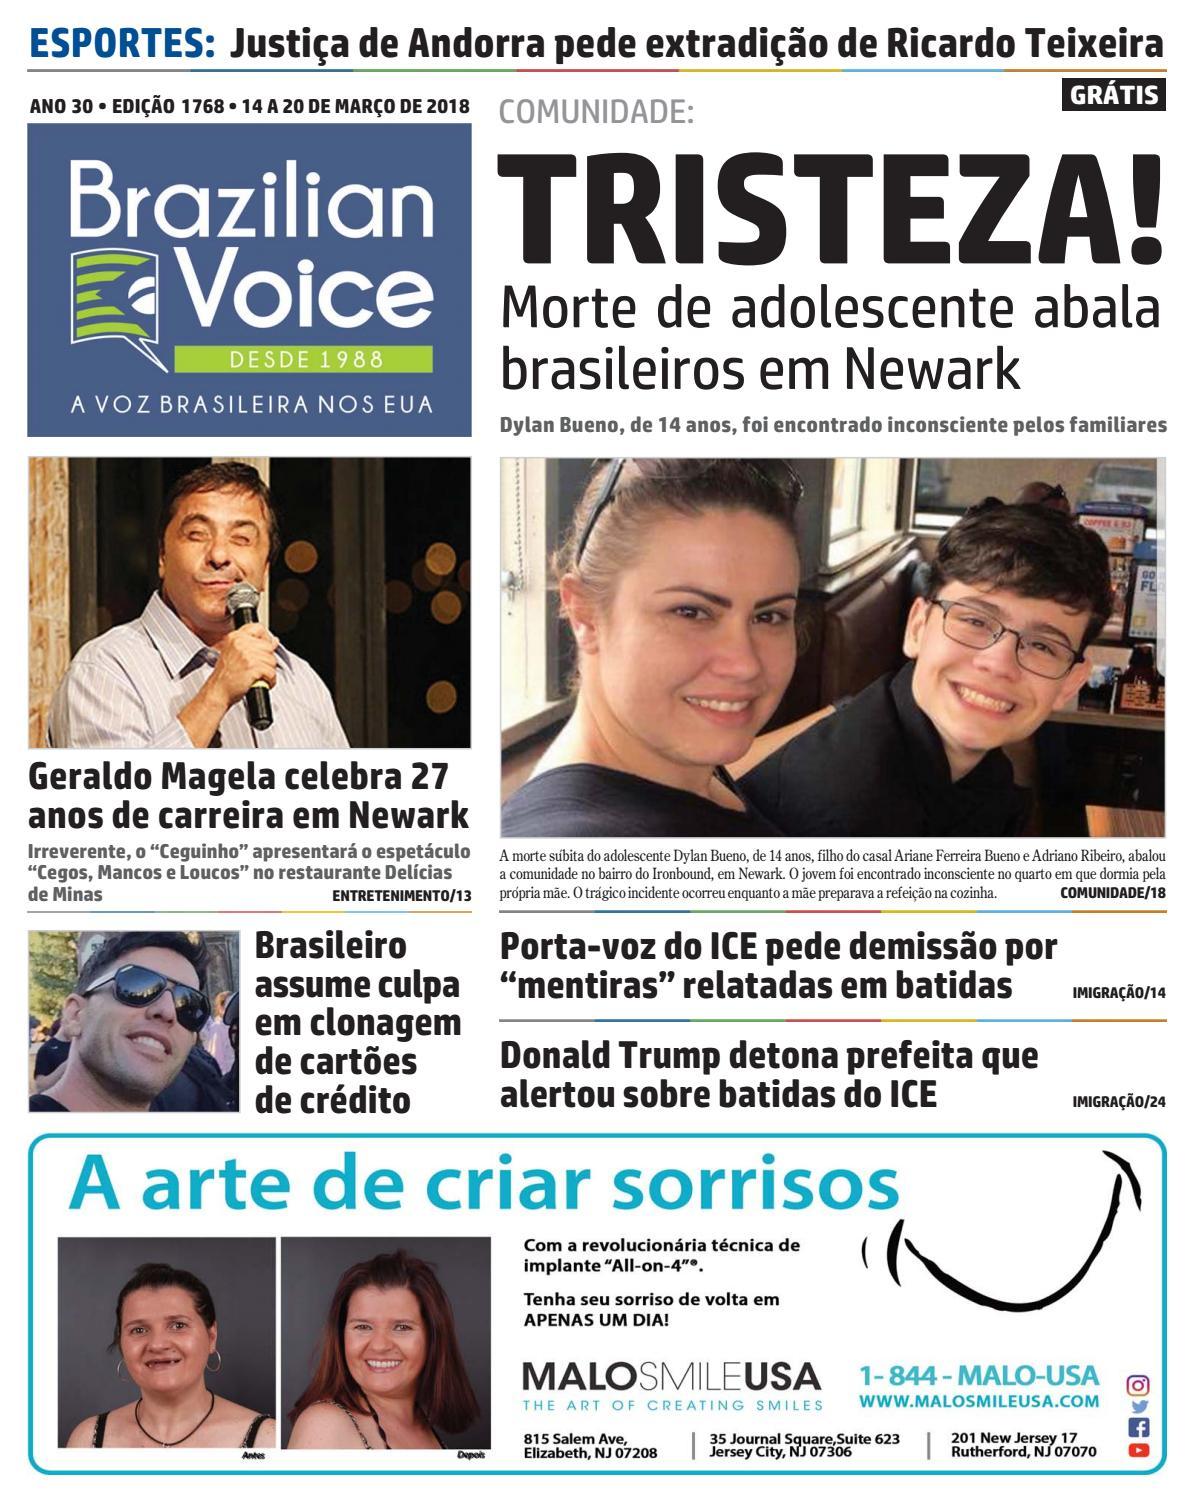 1616936a743 Edição 1768 de 14 a 20 de março de 2018 by Brazilian Voice Newspaper - issuu